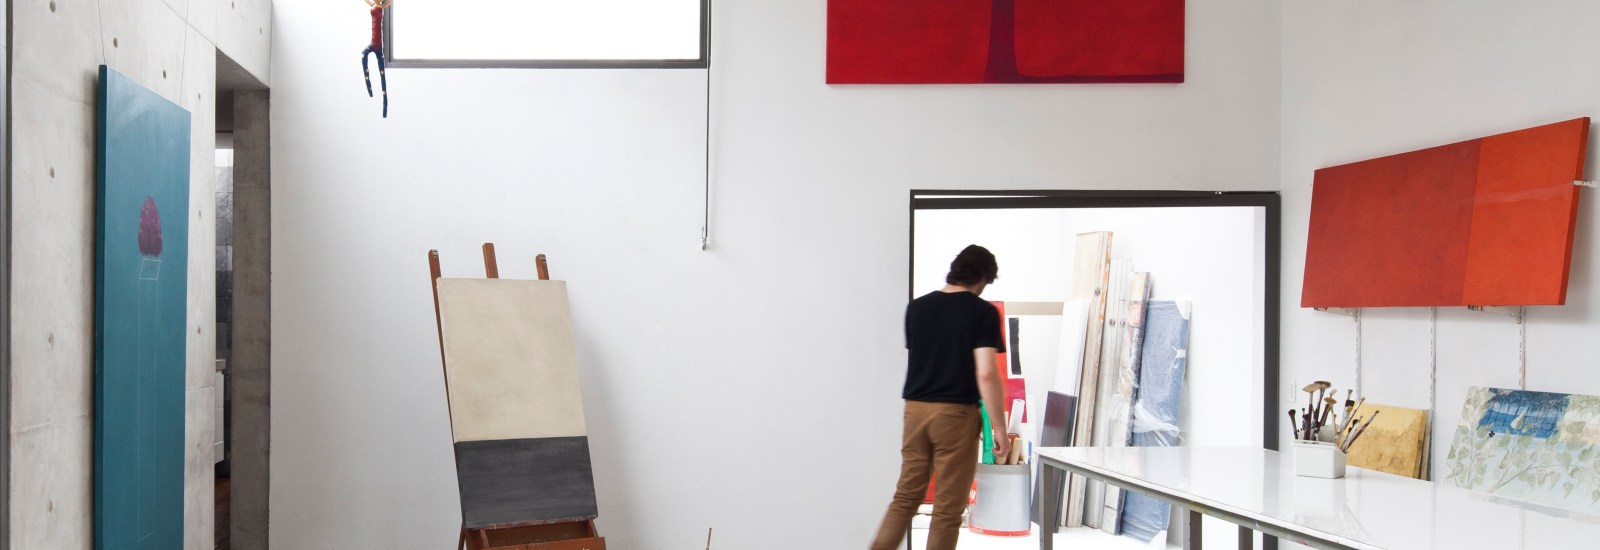 Atelier Aberto Sao Paulo AR Arquitetos